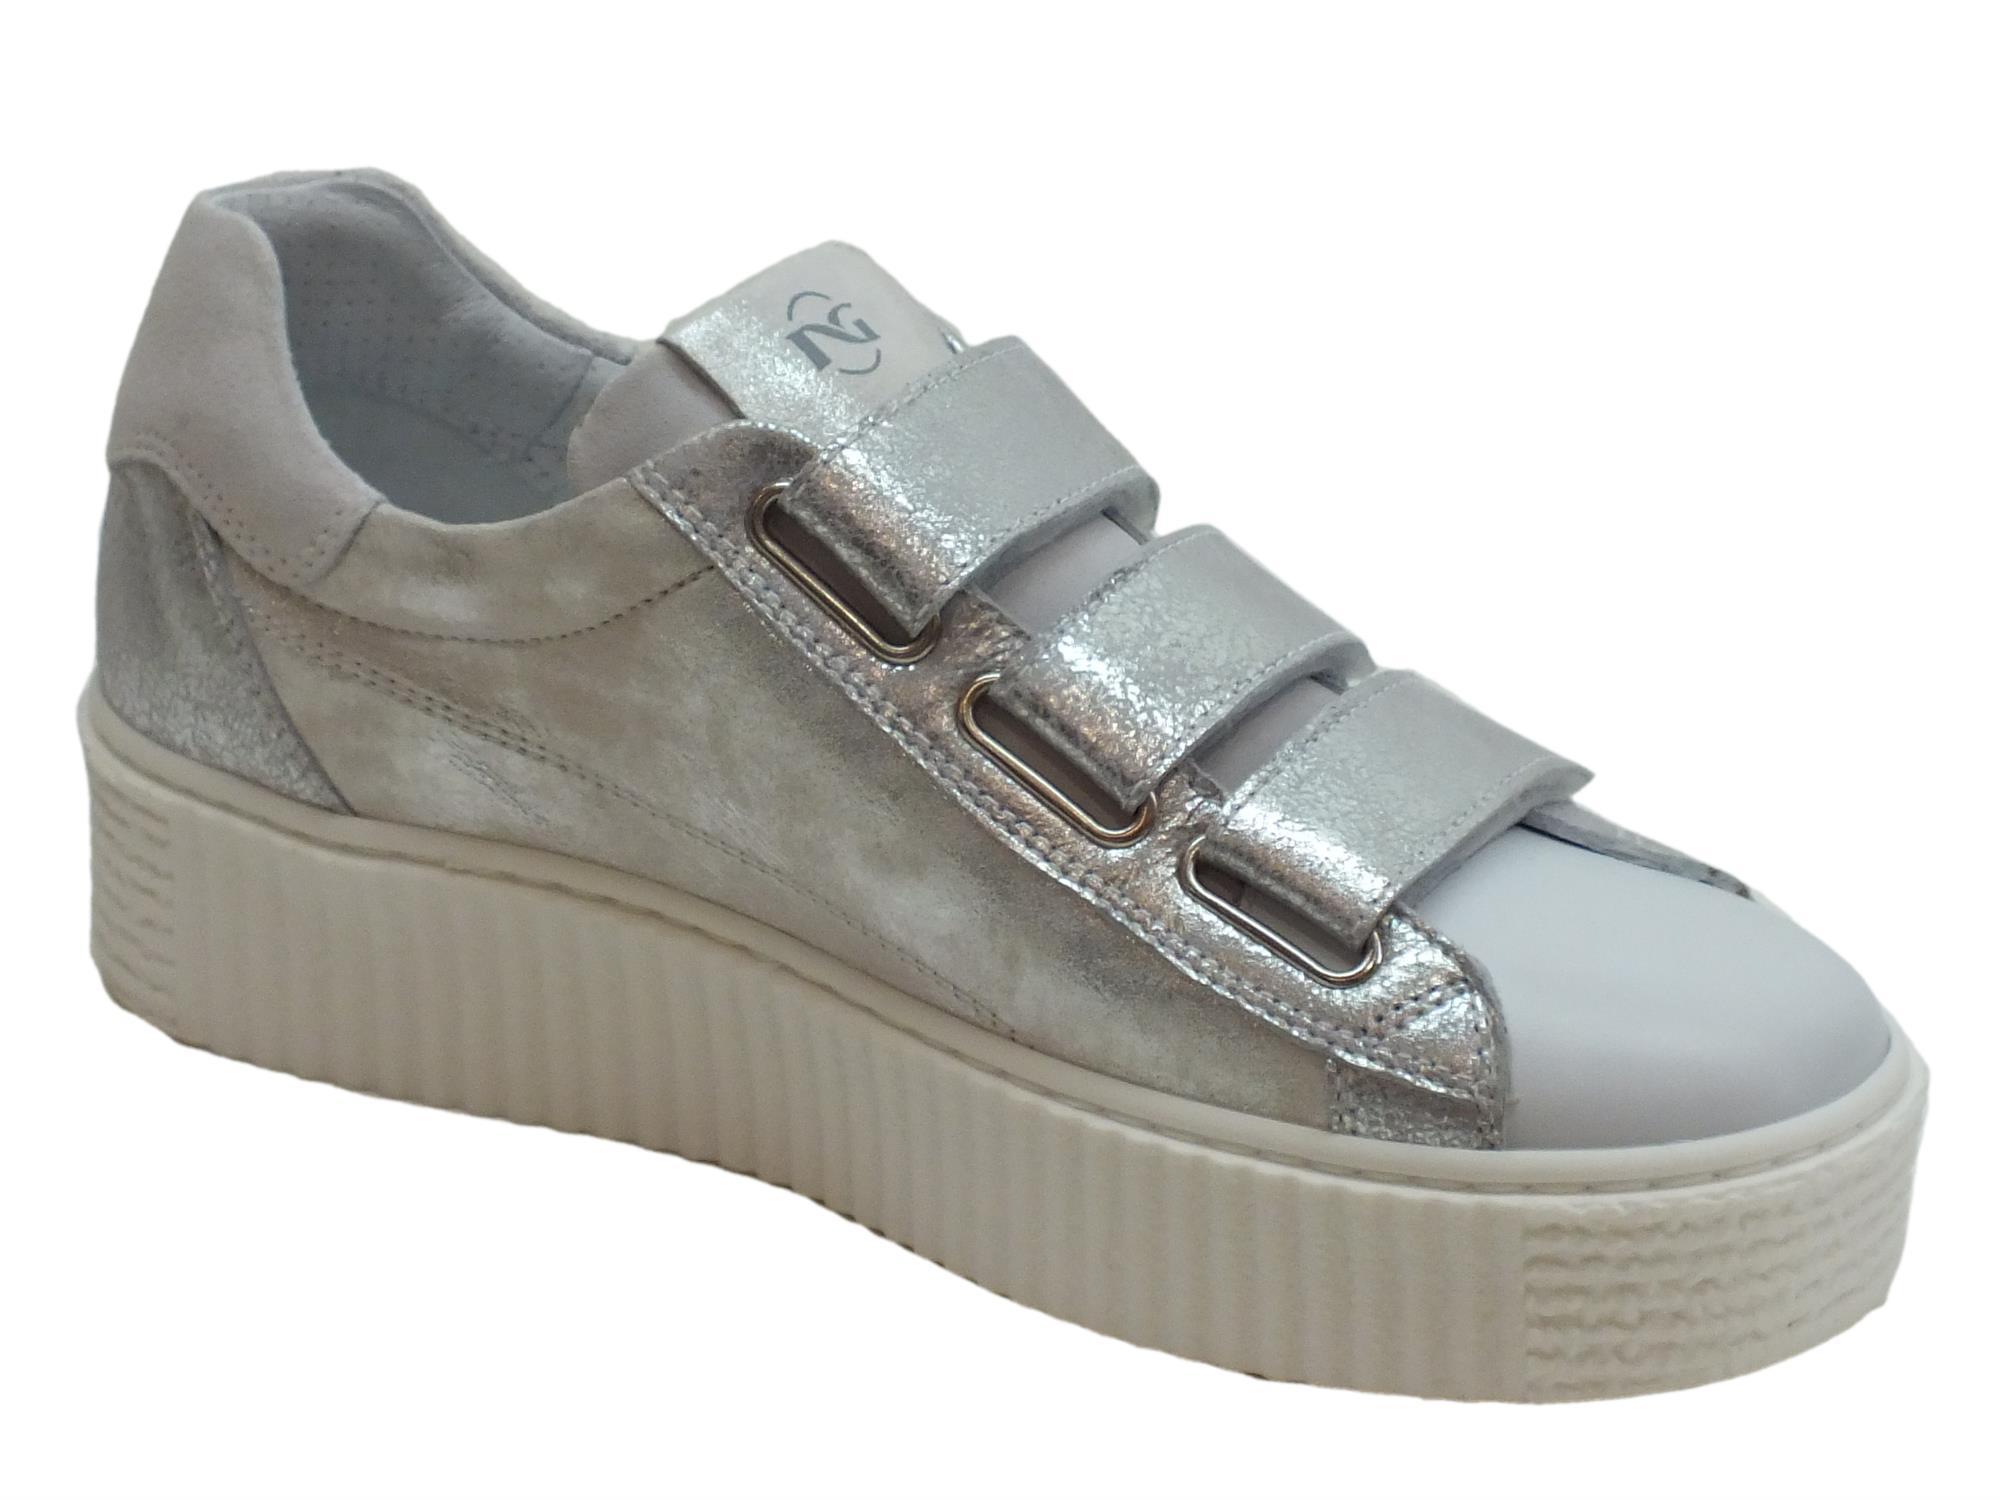 ... Sneakers NeroGiardini per donna in pelle bianca ed argento spazzolato  ... 159ee30feb5